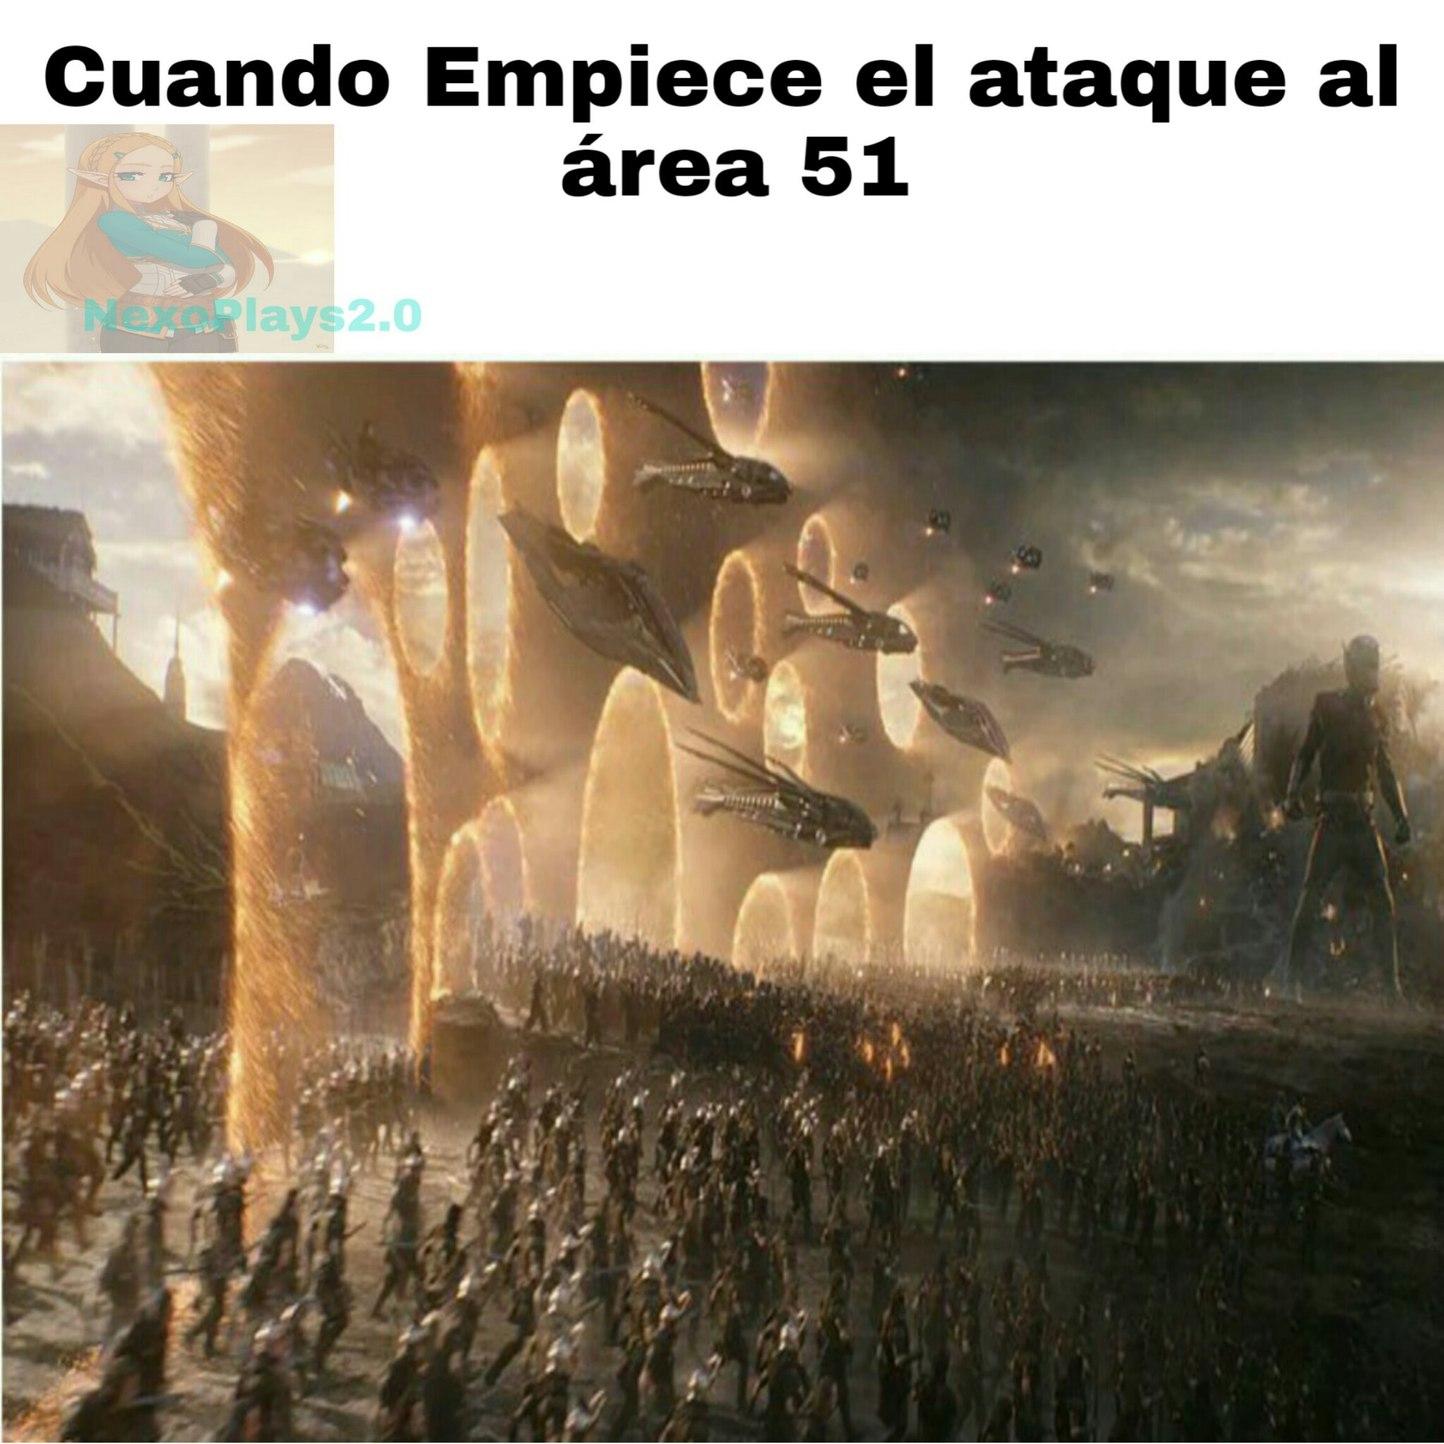 ATACANTES AL AREA 51! UNIDOS! - meme